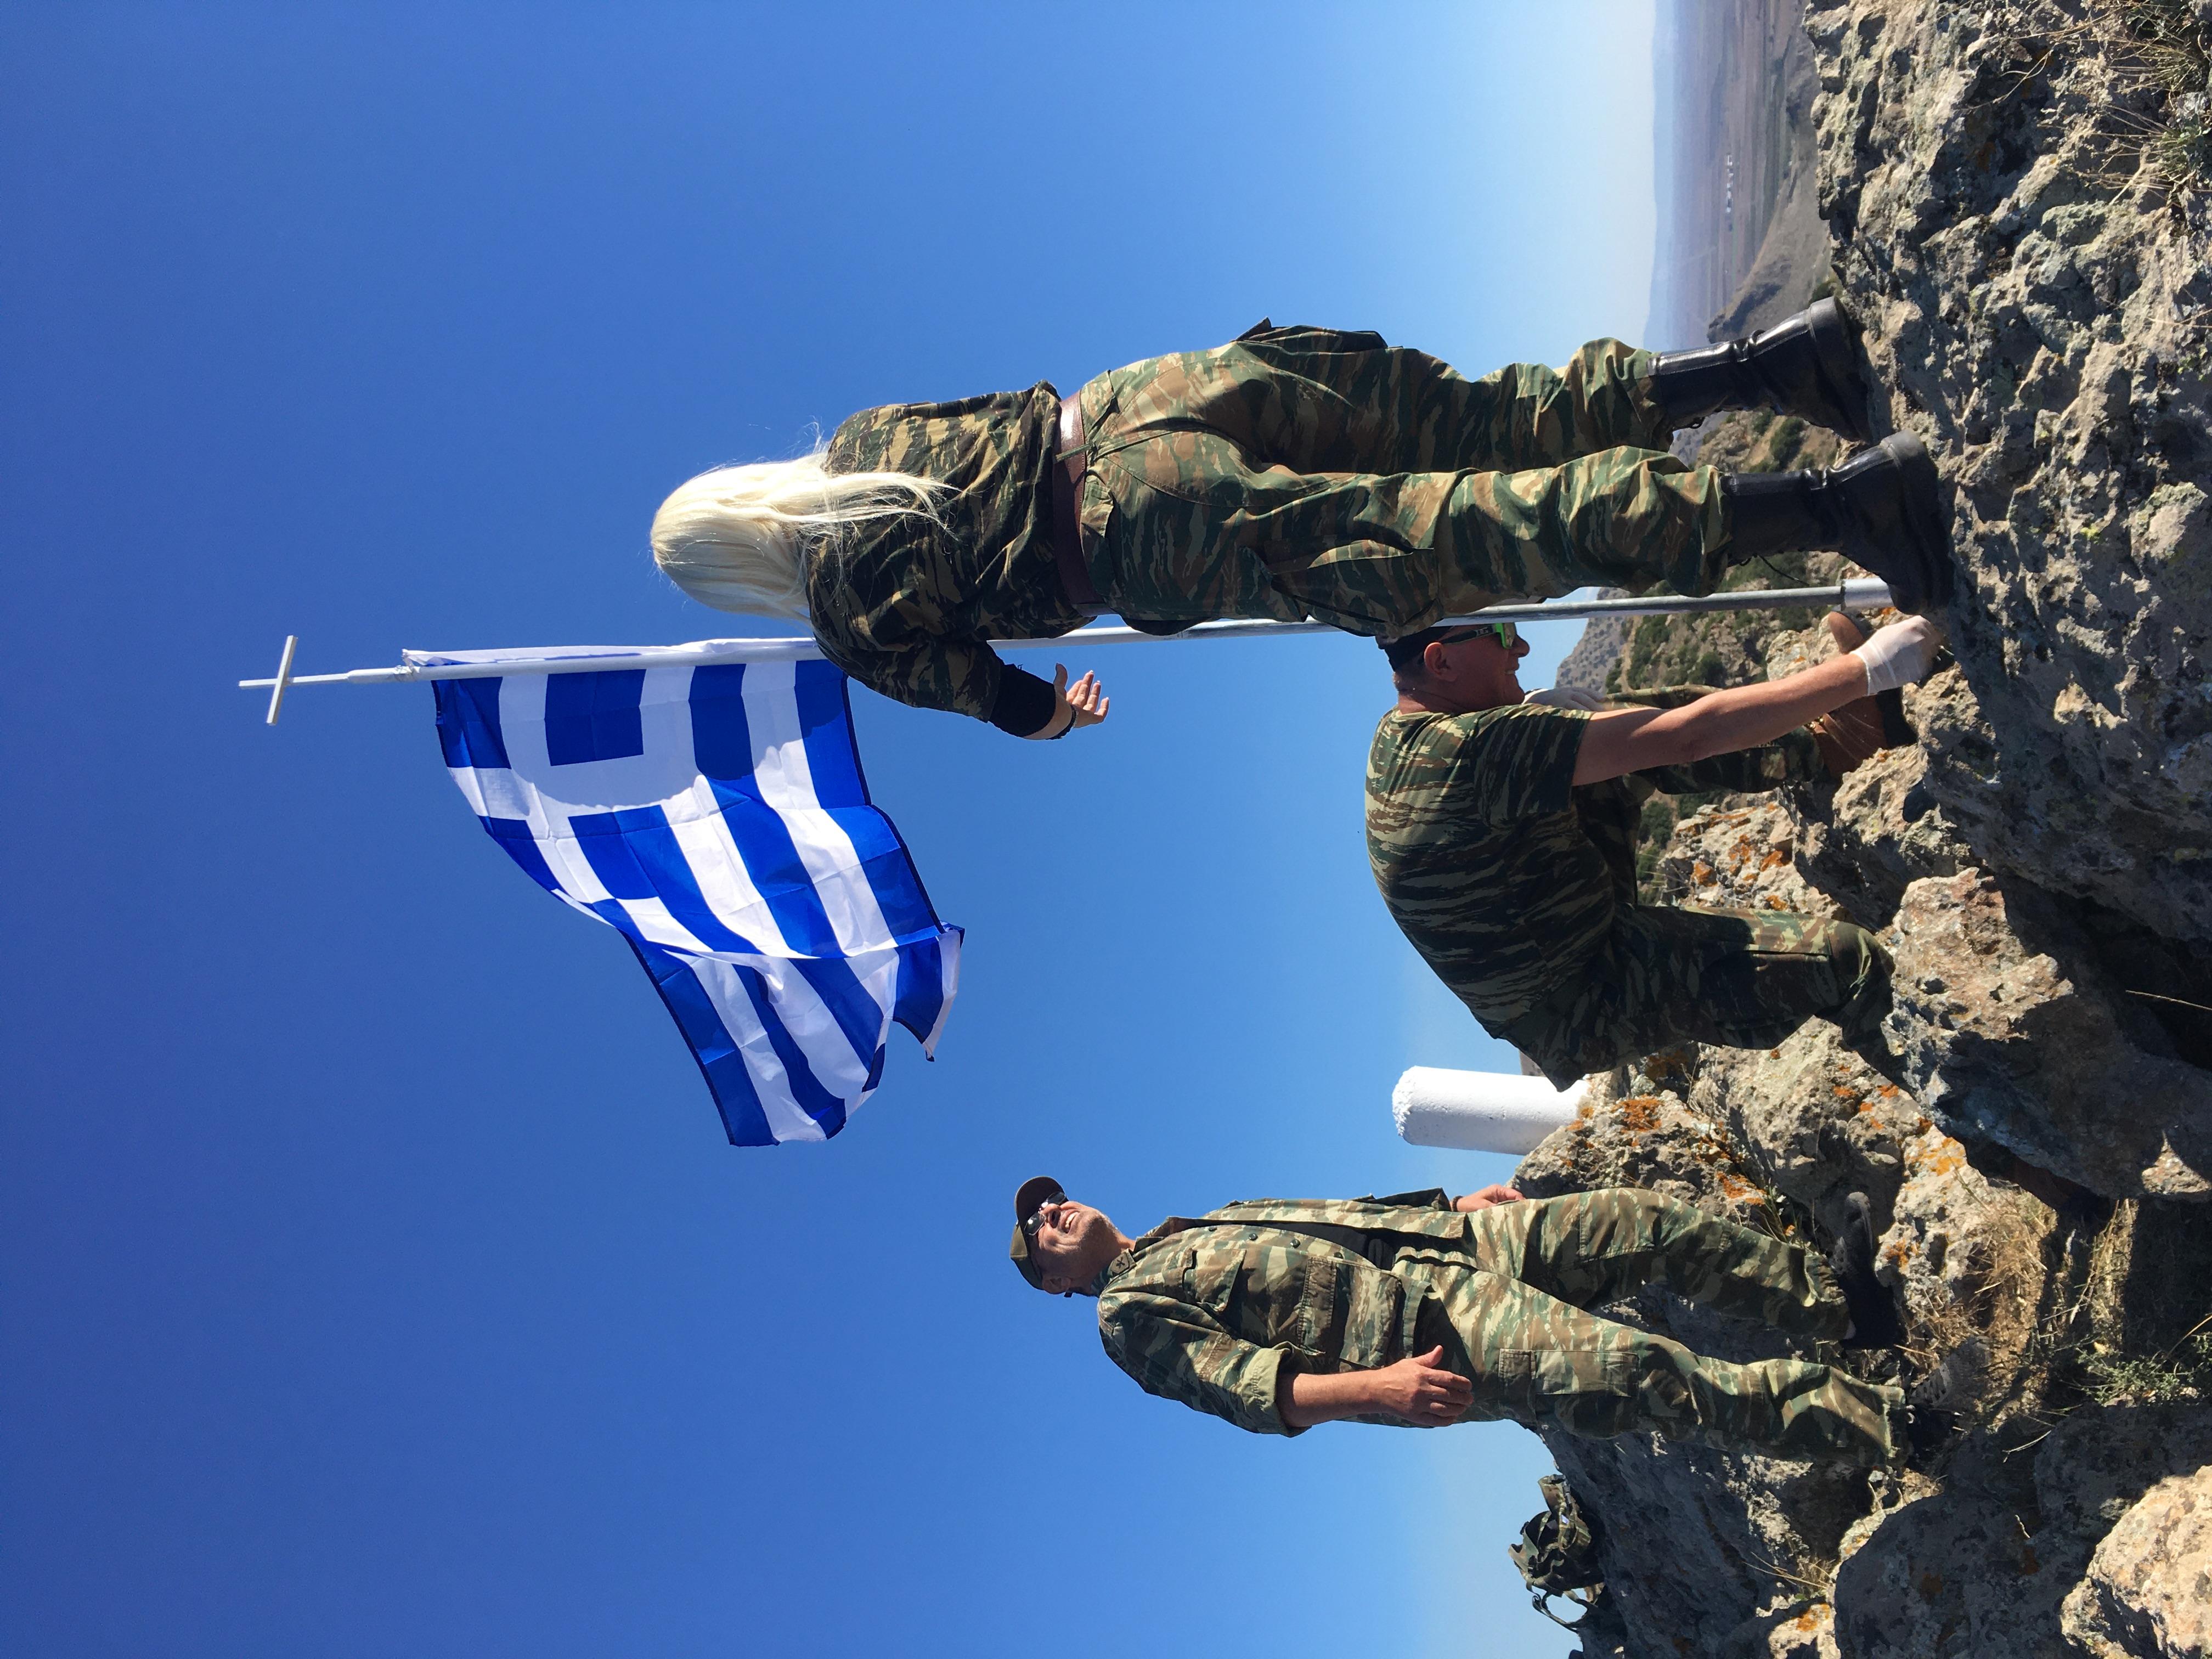 Τοποθέτηση νέου ιστού Σημαίας  στο Γκιντίκι από Εφέδρους της Λάρισας 3